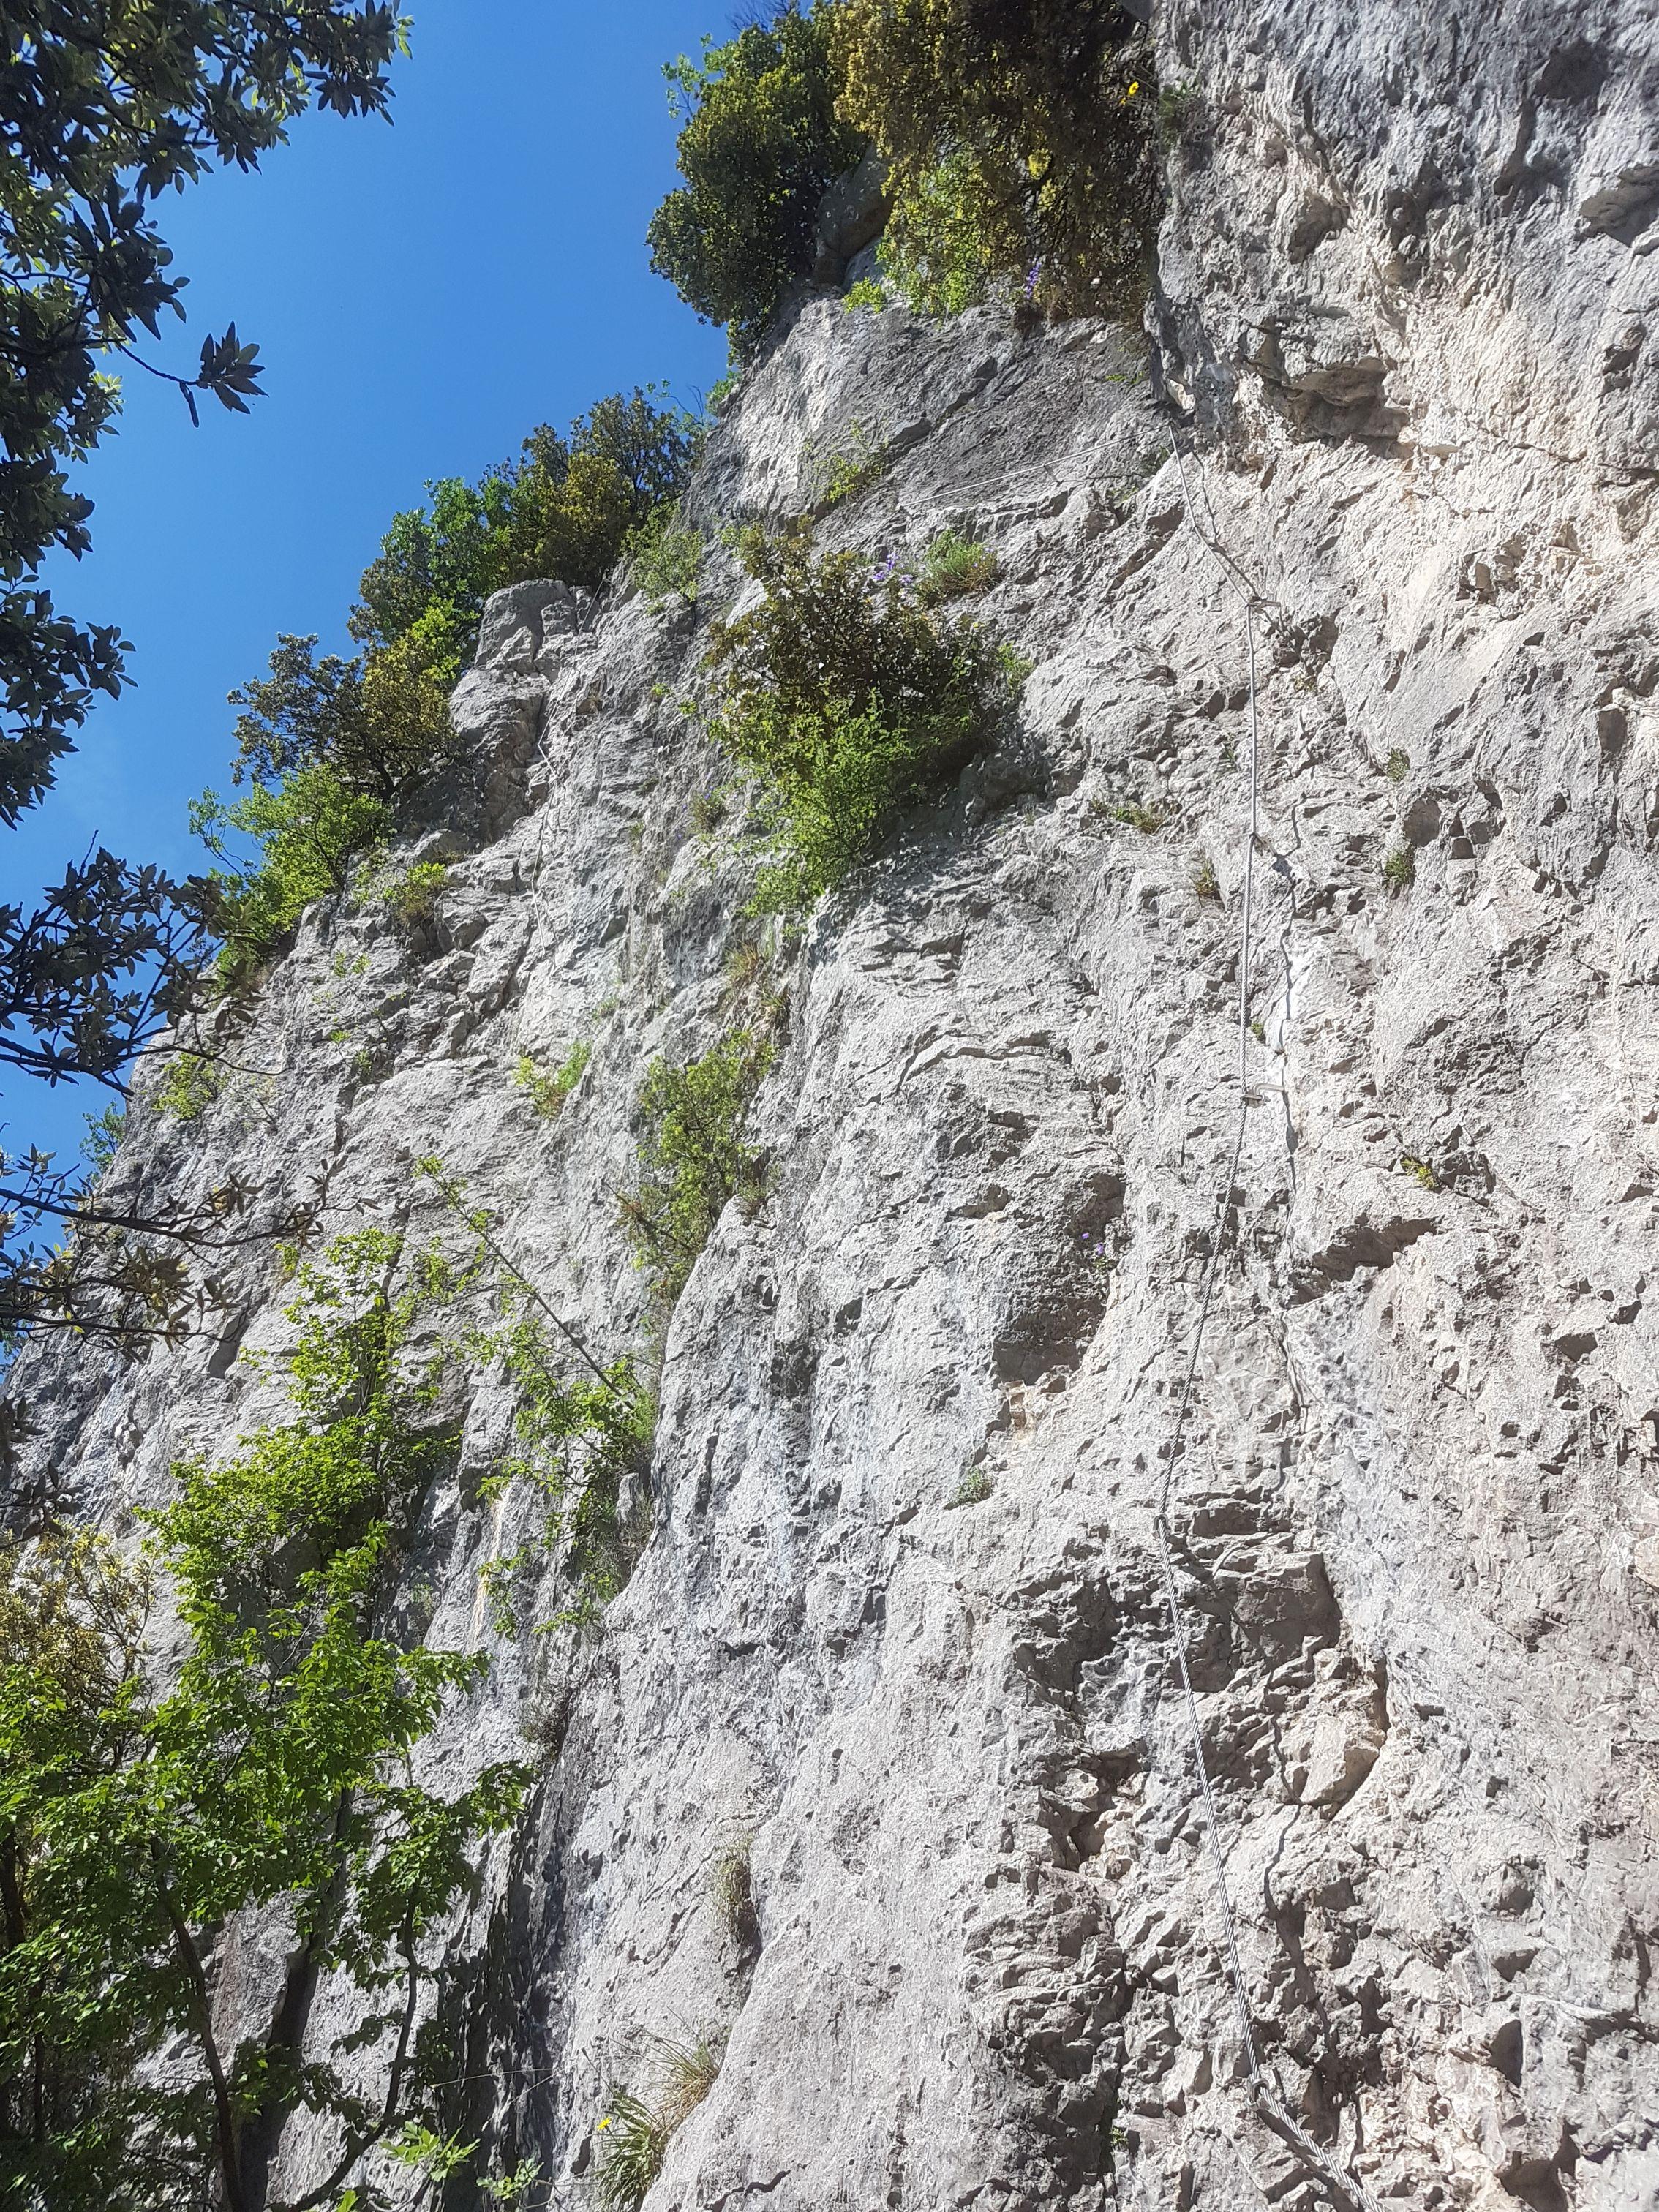 Klettersteige Gardasee : Klettersteige am gardasee